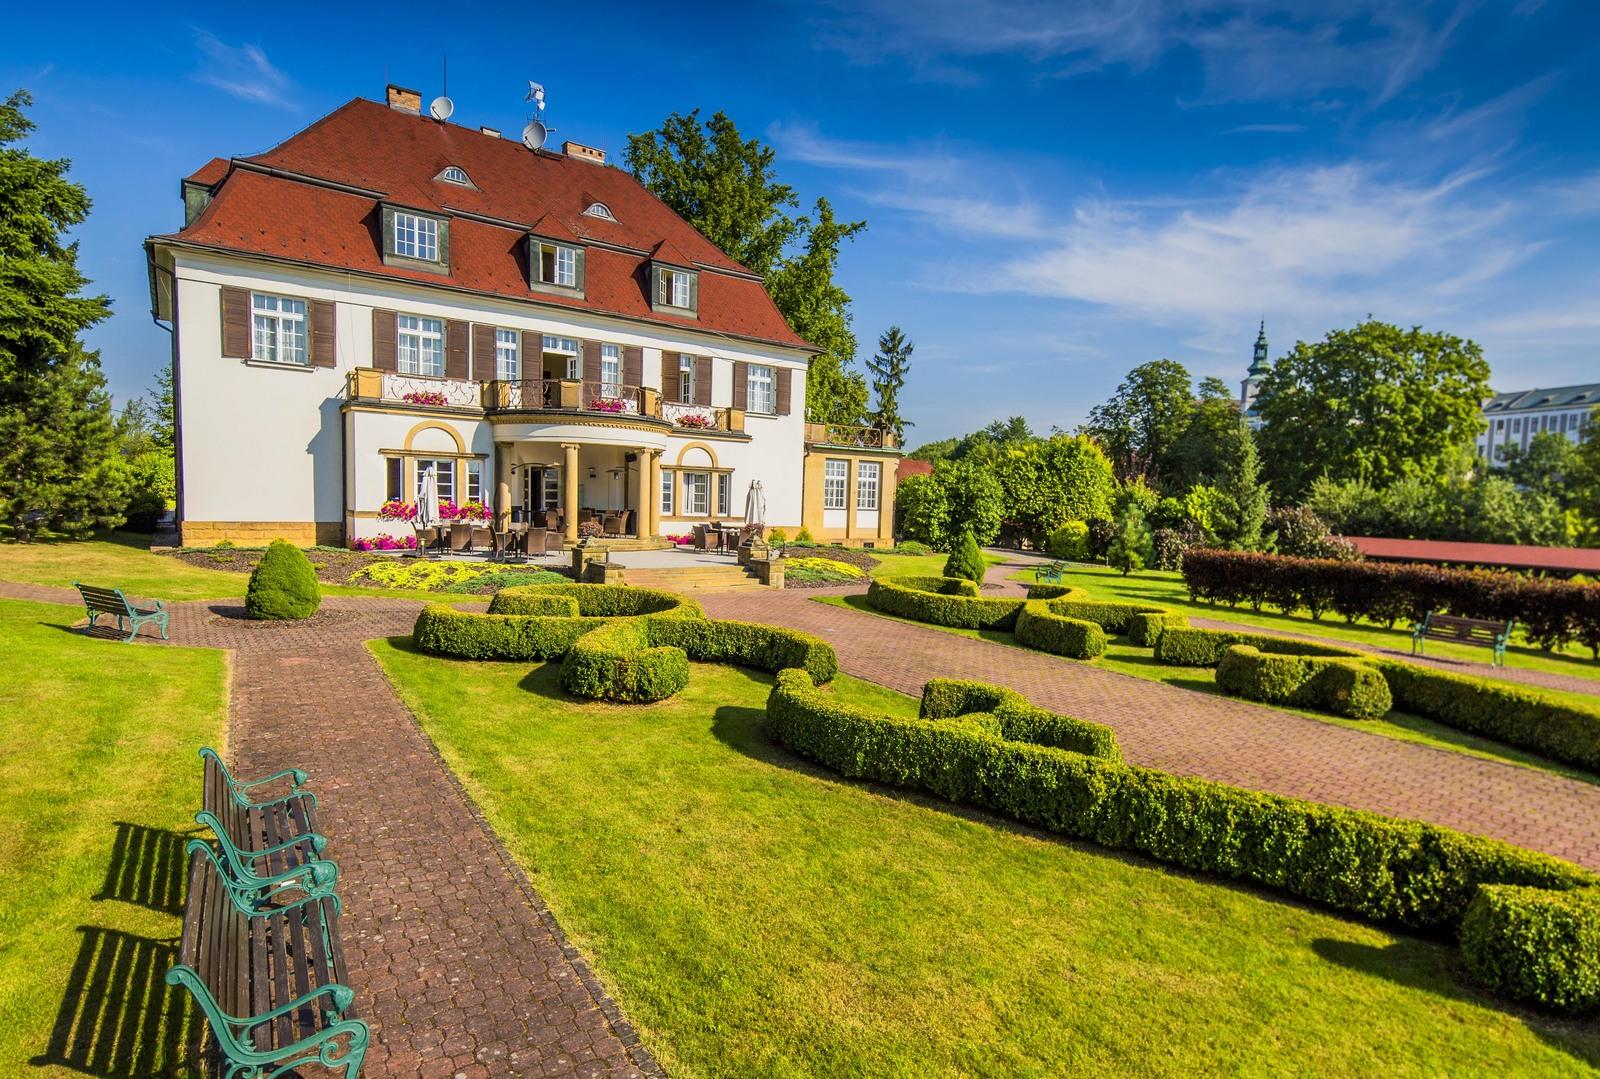 Hotel Veba � luxusn� ubytov�n�, j�dlo i slu�by v srdci m�sta Broumov